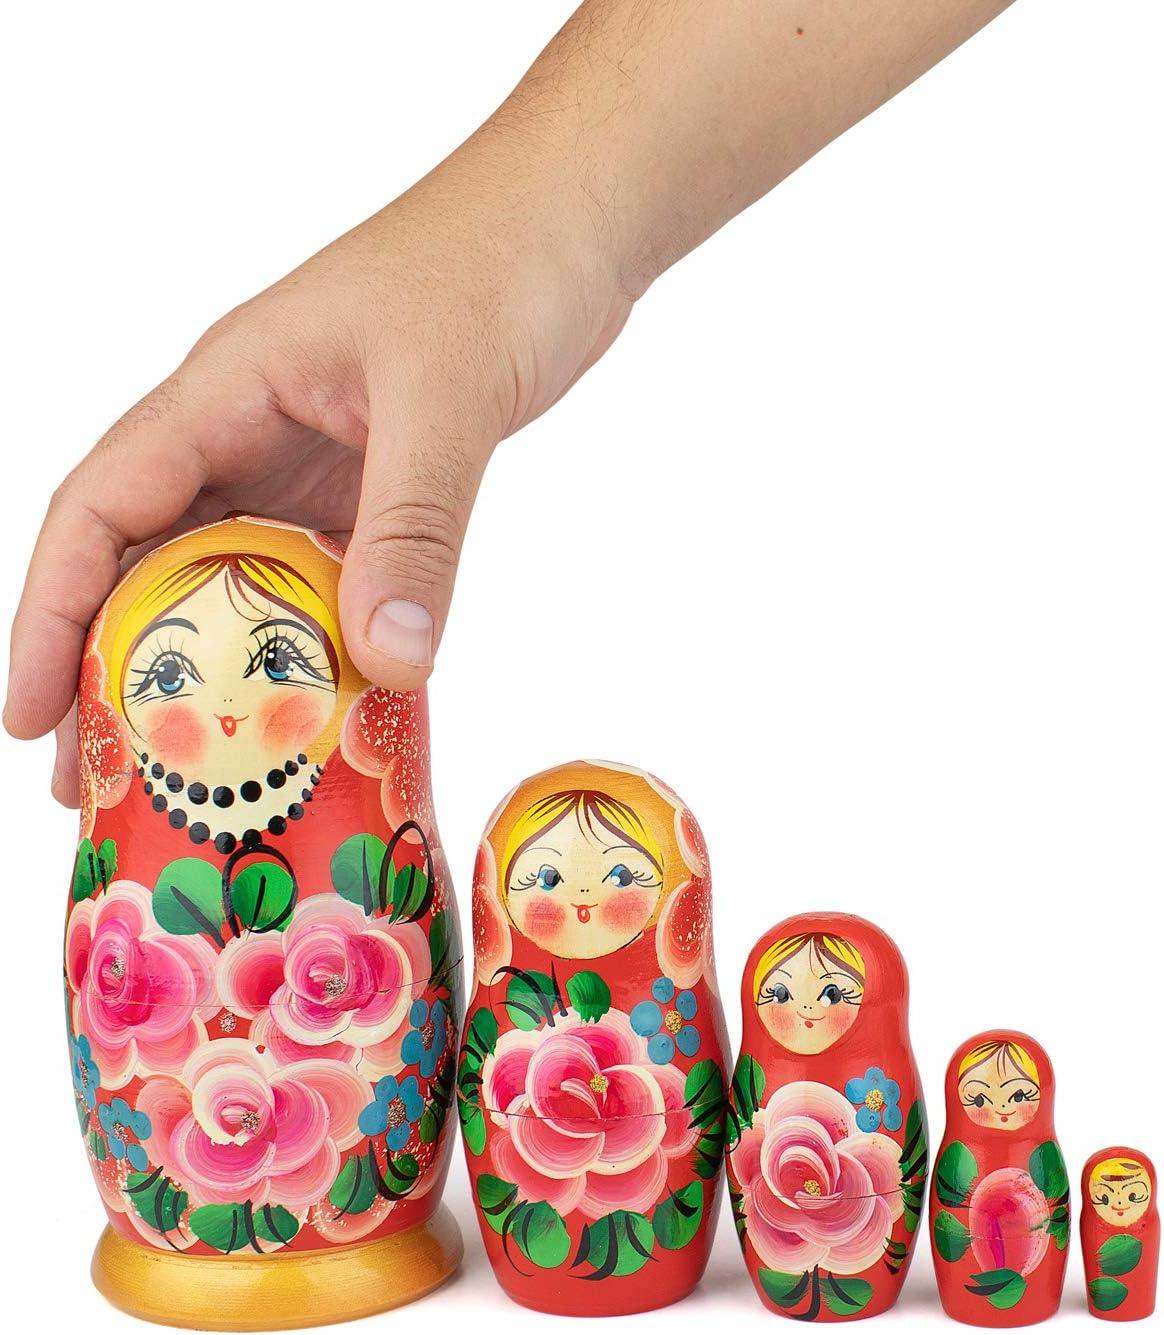 5 Poup/ées Matriochka Style Biryuzovaya Poup/ées en Bois Babushka Biryuzovaya 5 Pi/èces Fille avec Un Motif Doiseau Heka Naturals Poup/ées Gigognes Russes 18 cm Fabriqu/é A La Main en Russie